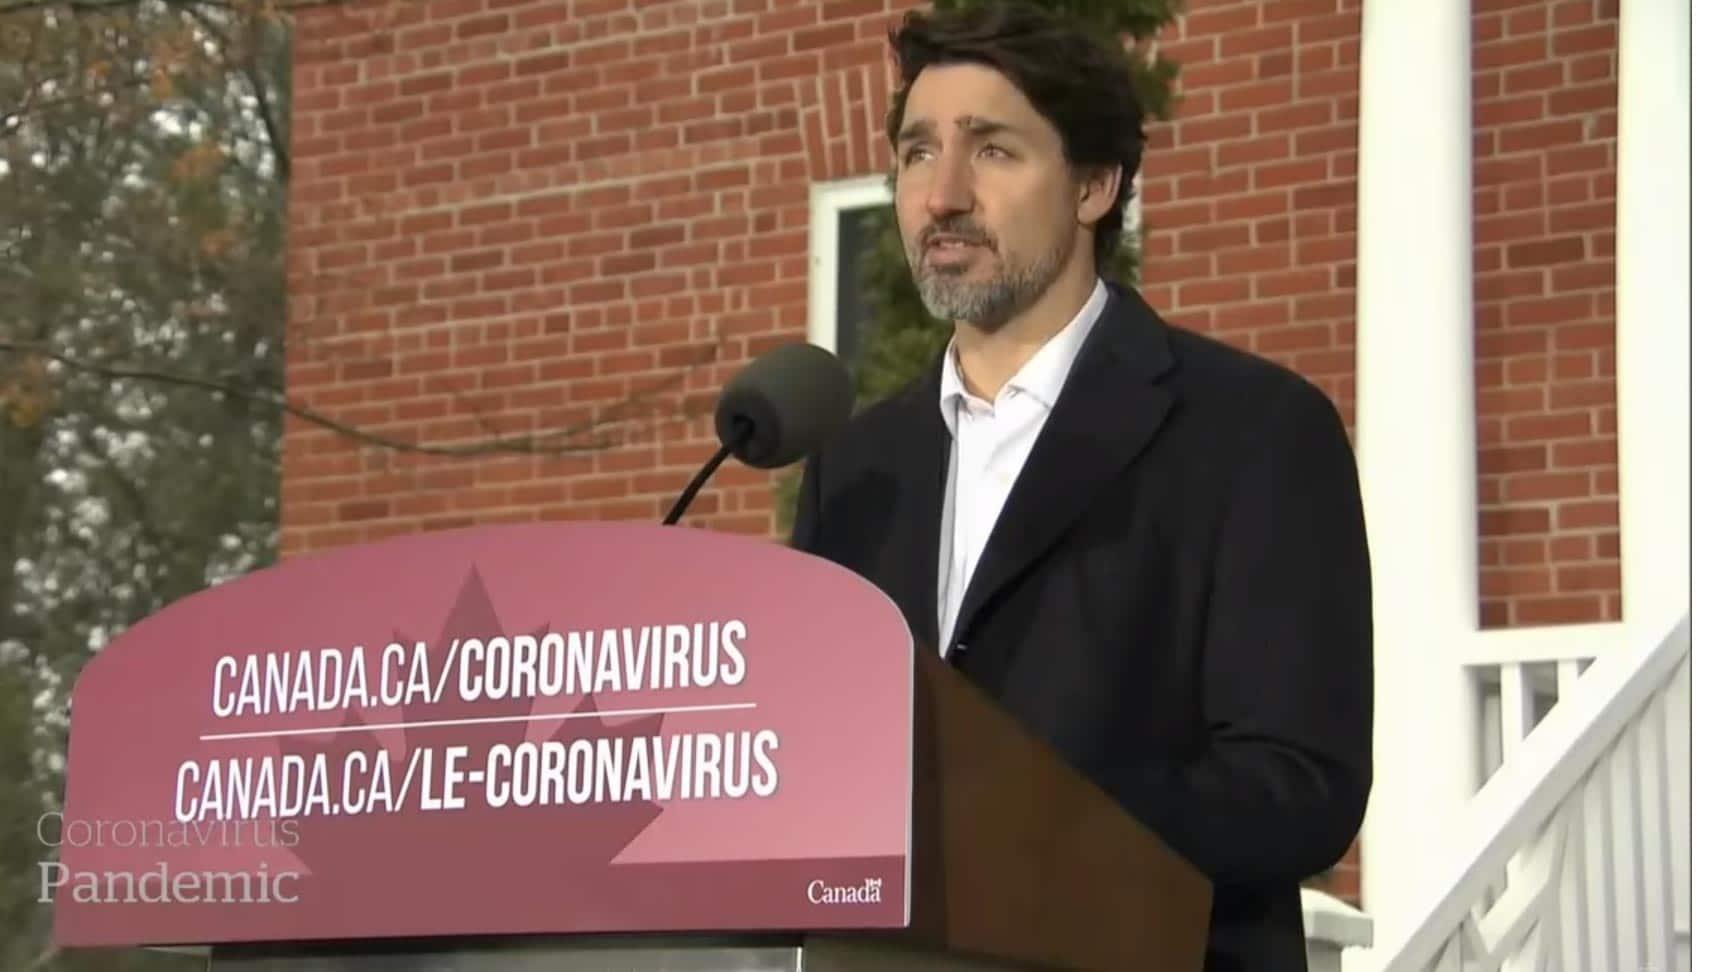 Durante la cuarentena, ¿qué inmigrantes pueden entrar a Canadá?